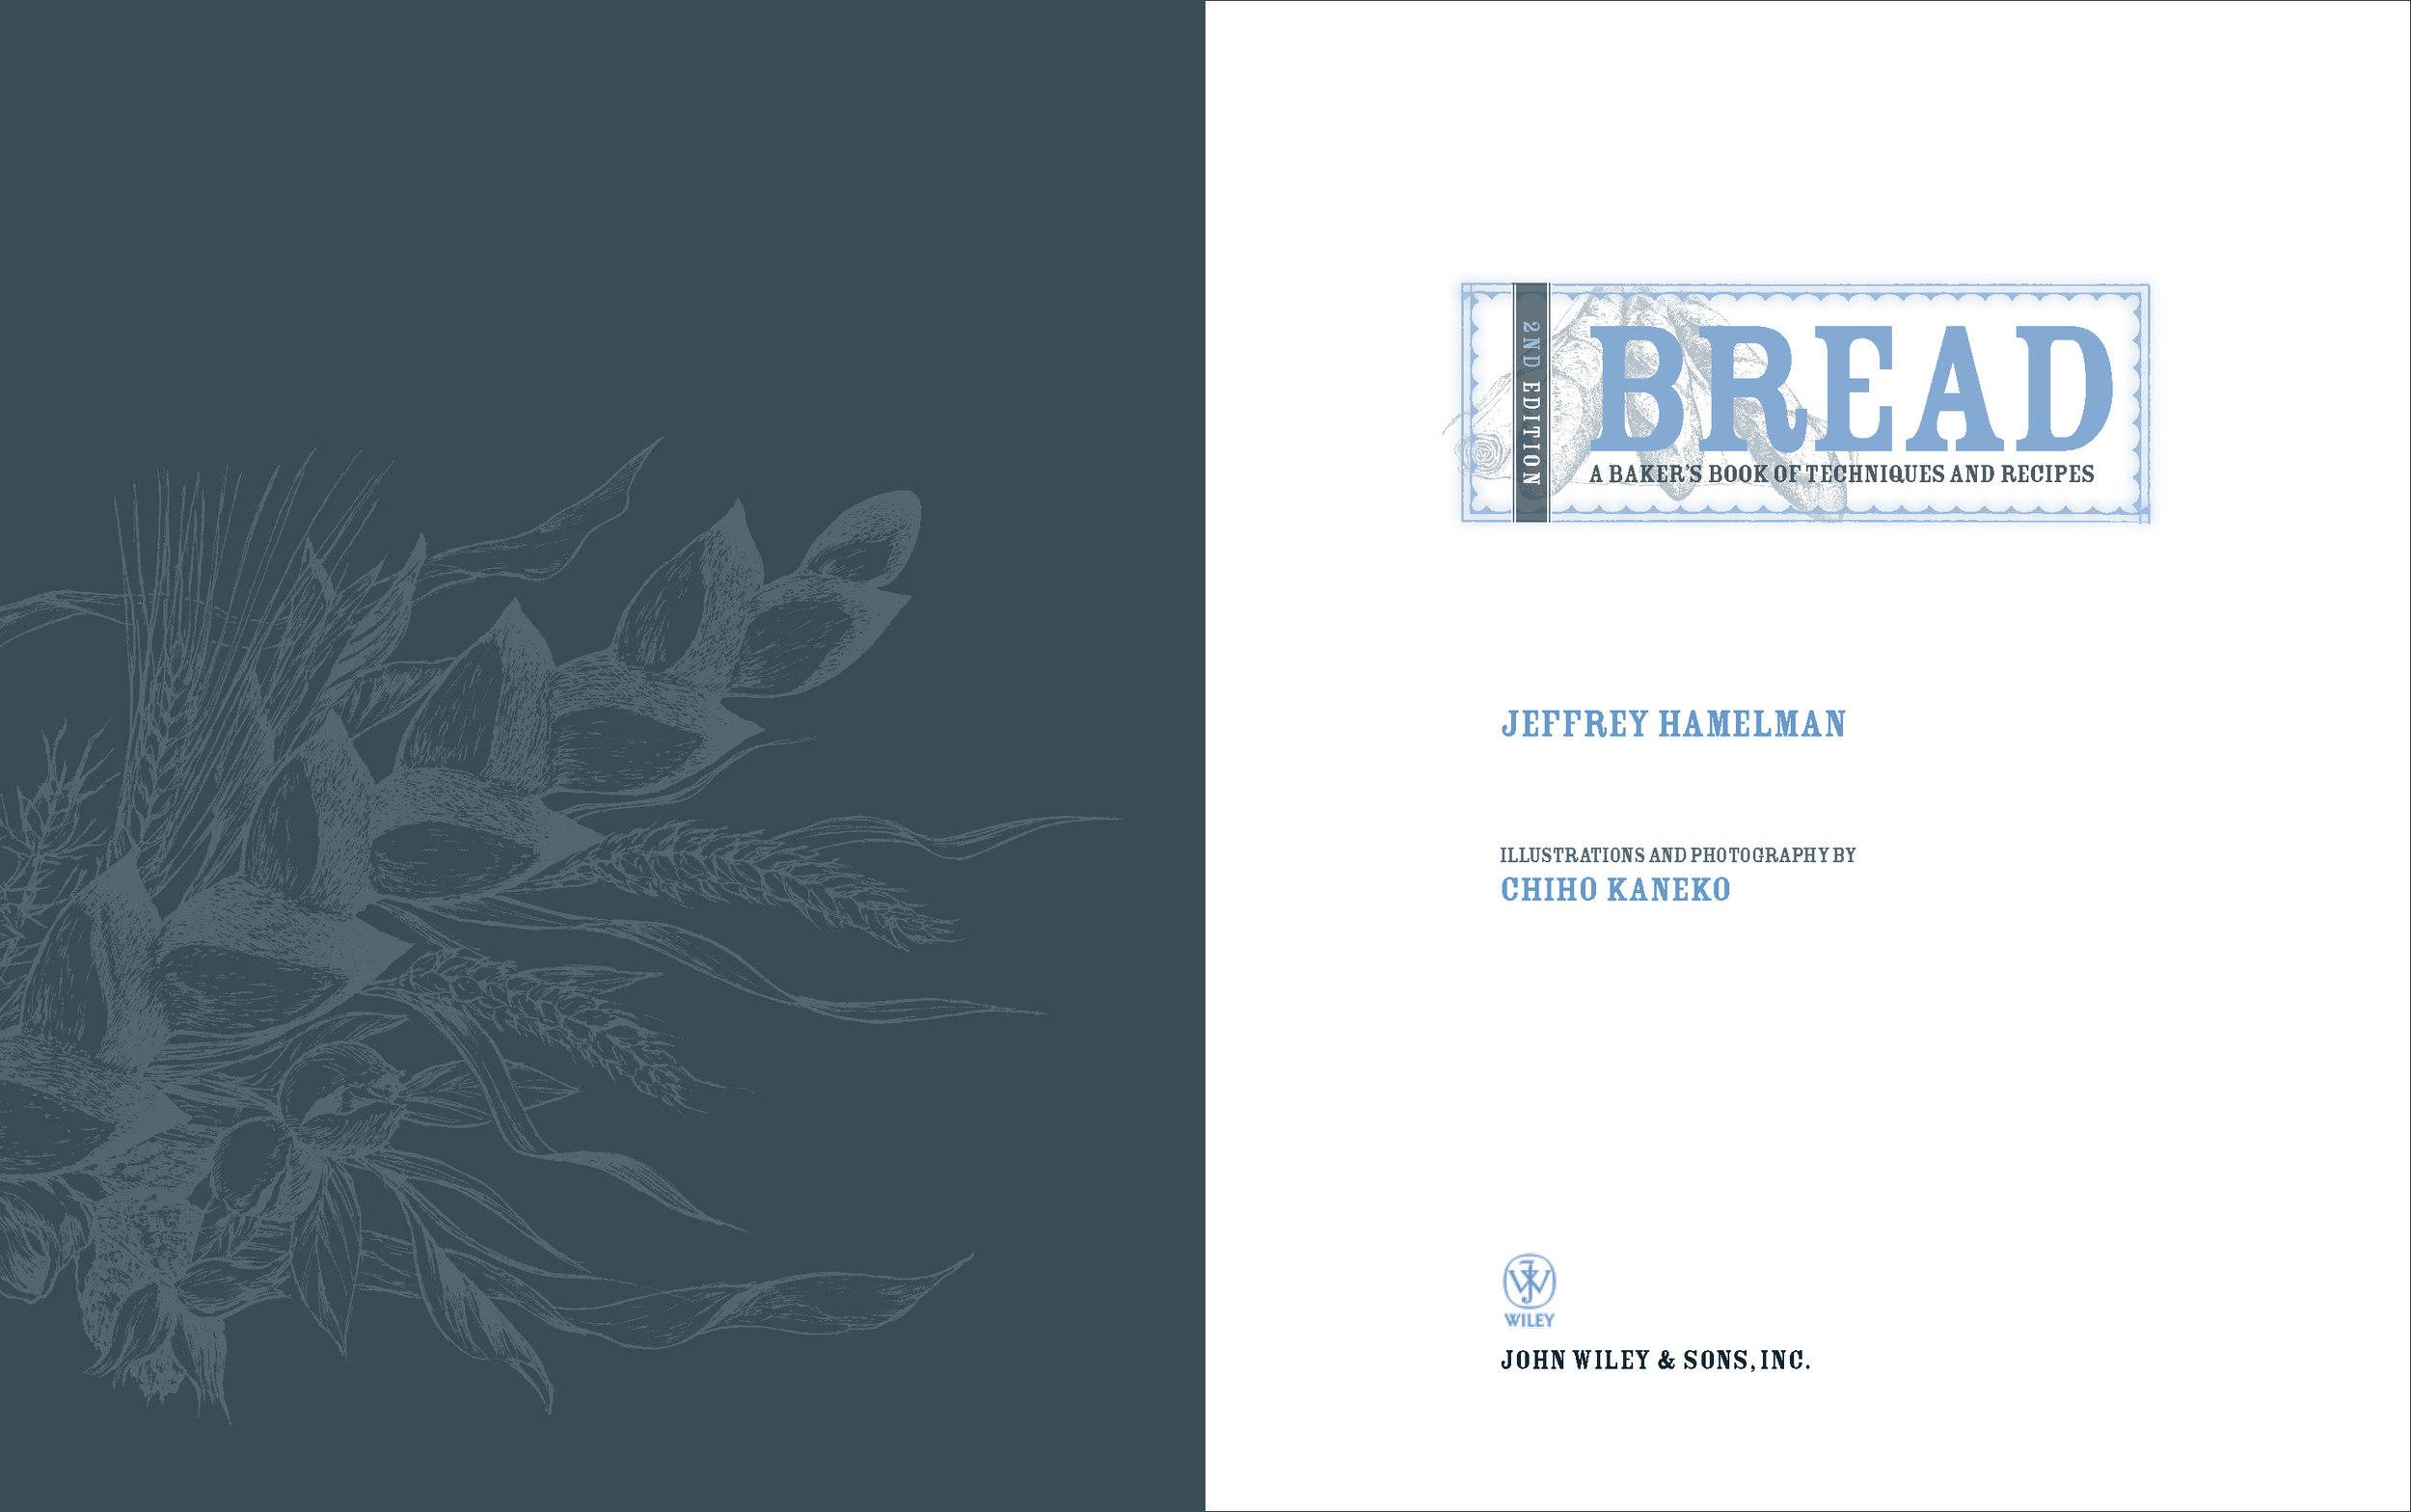 BreadDesignFINALREV_Page_1.jpg